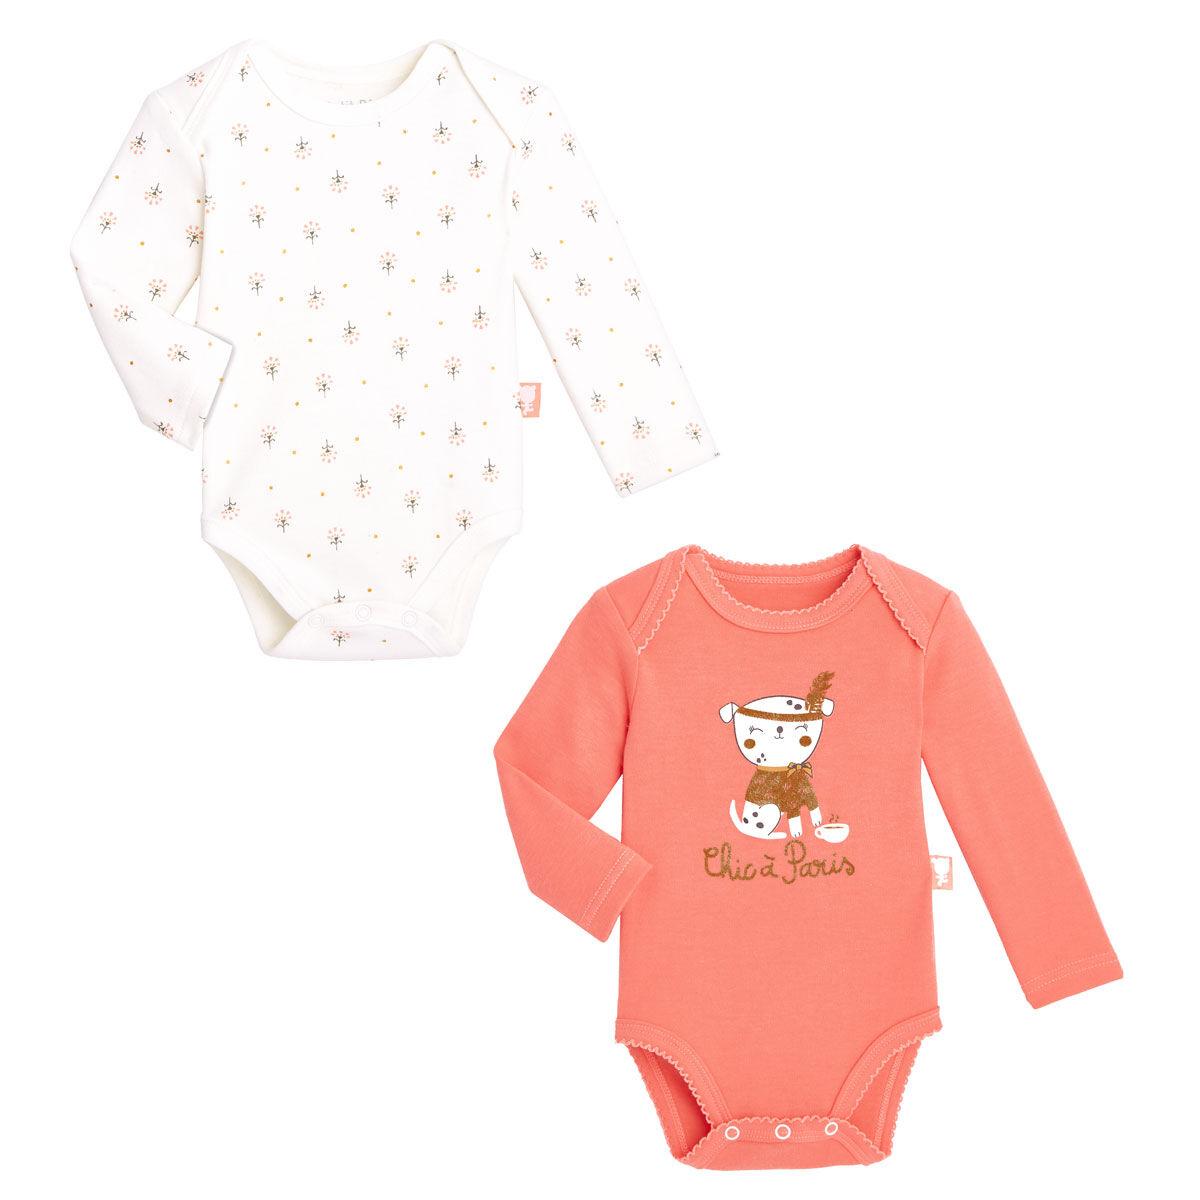 Petit Béguin Lot de 2 bodies bébé fille manches longues Chic à Paris - Taille - 12 mois